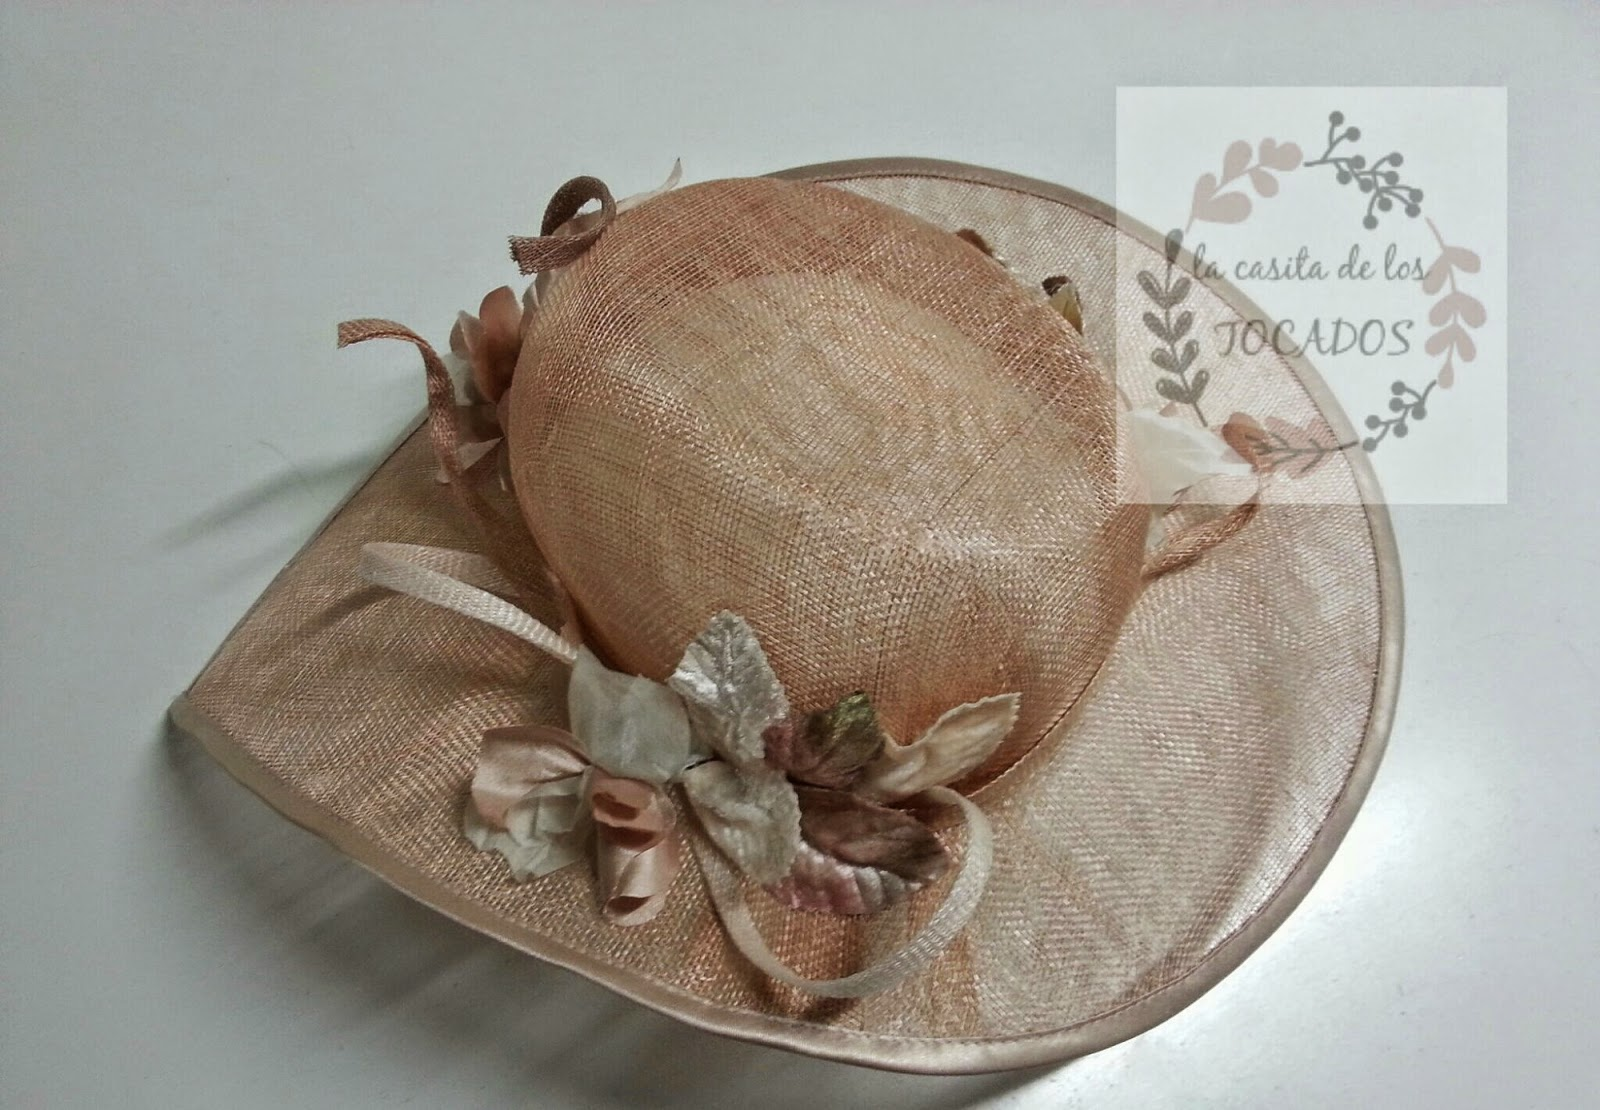 pamela artesanal para boda color rosa nude con hojas, flores y sinamay